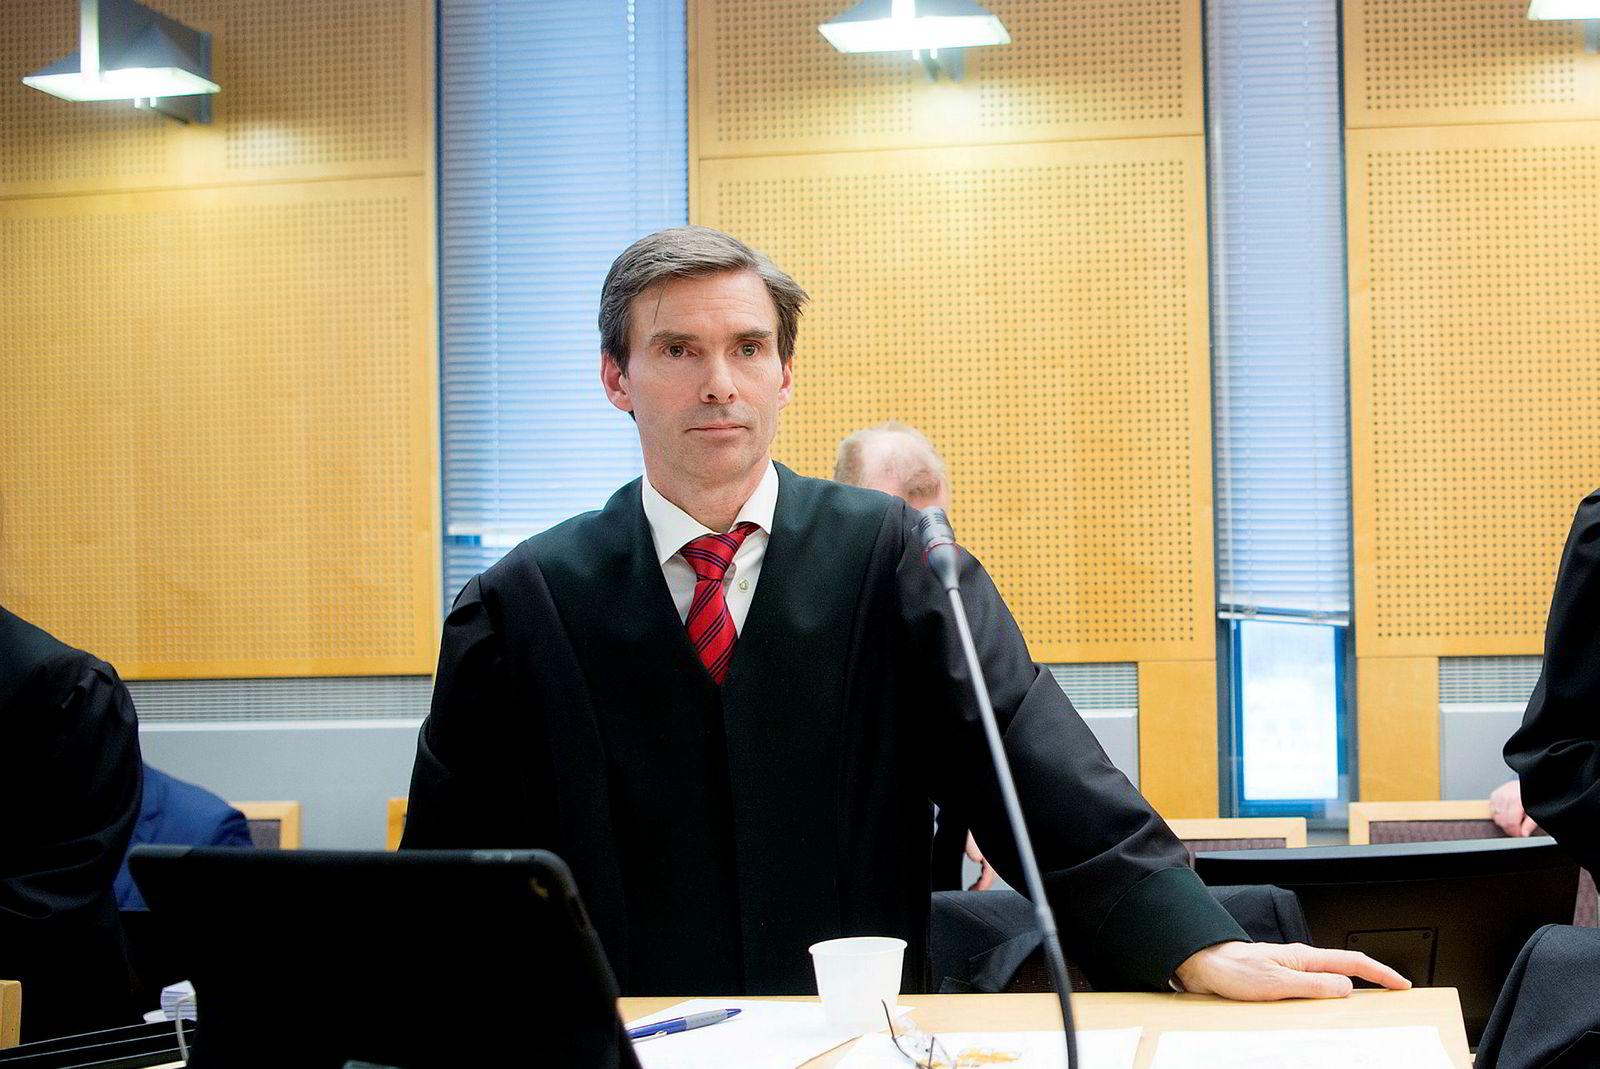 Partner i advokatfirmaet BAHR, Are Stenvik, er spesialist innen immaterialrett og erstatningsrett. Nå søker han seg til Høyesterett.